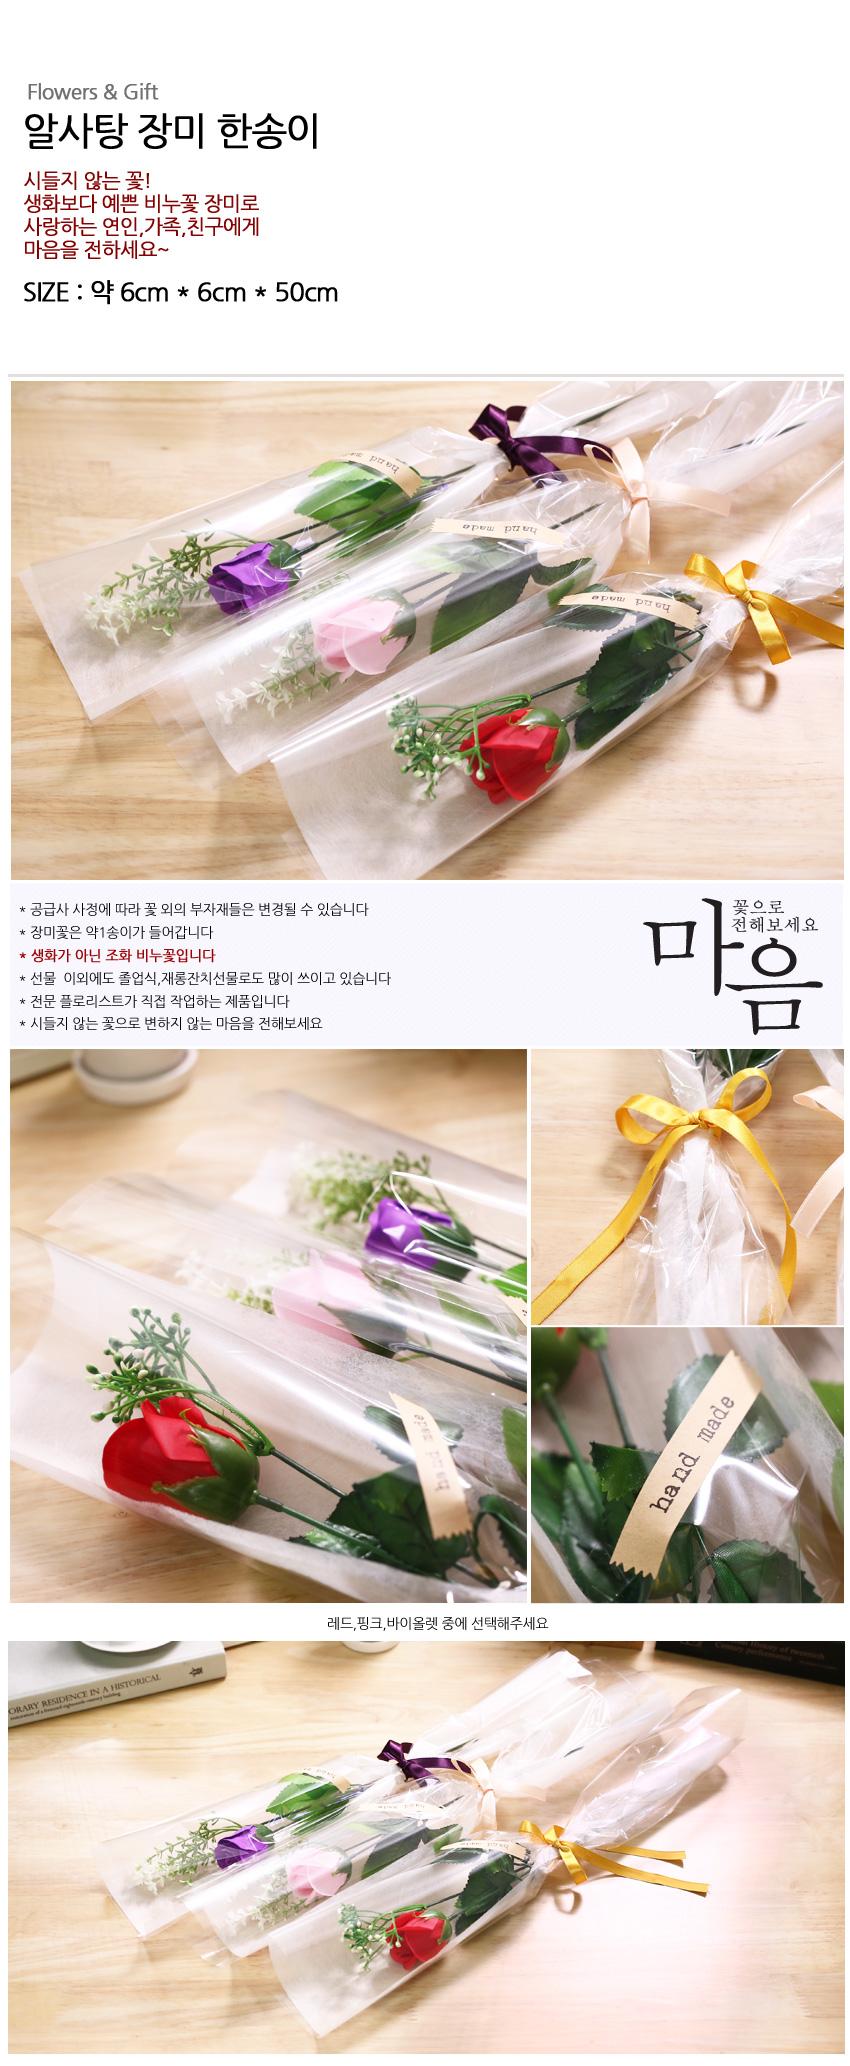 알사탕 한송이장미 - 알사탕닷컴, 2,000원, 조화, 꽃다발/꽃바구니